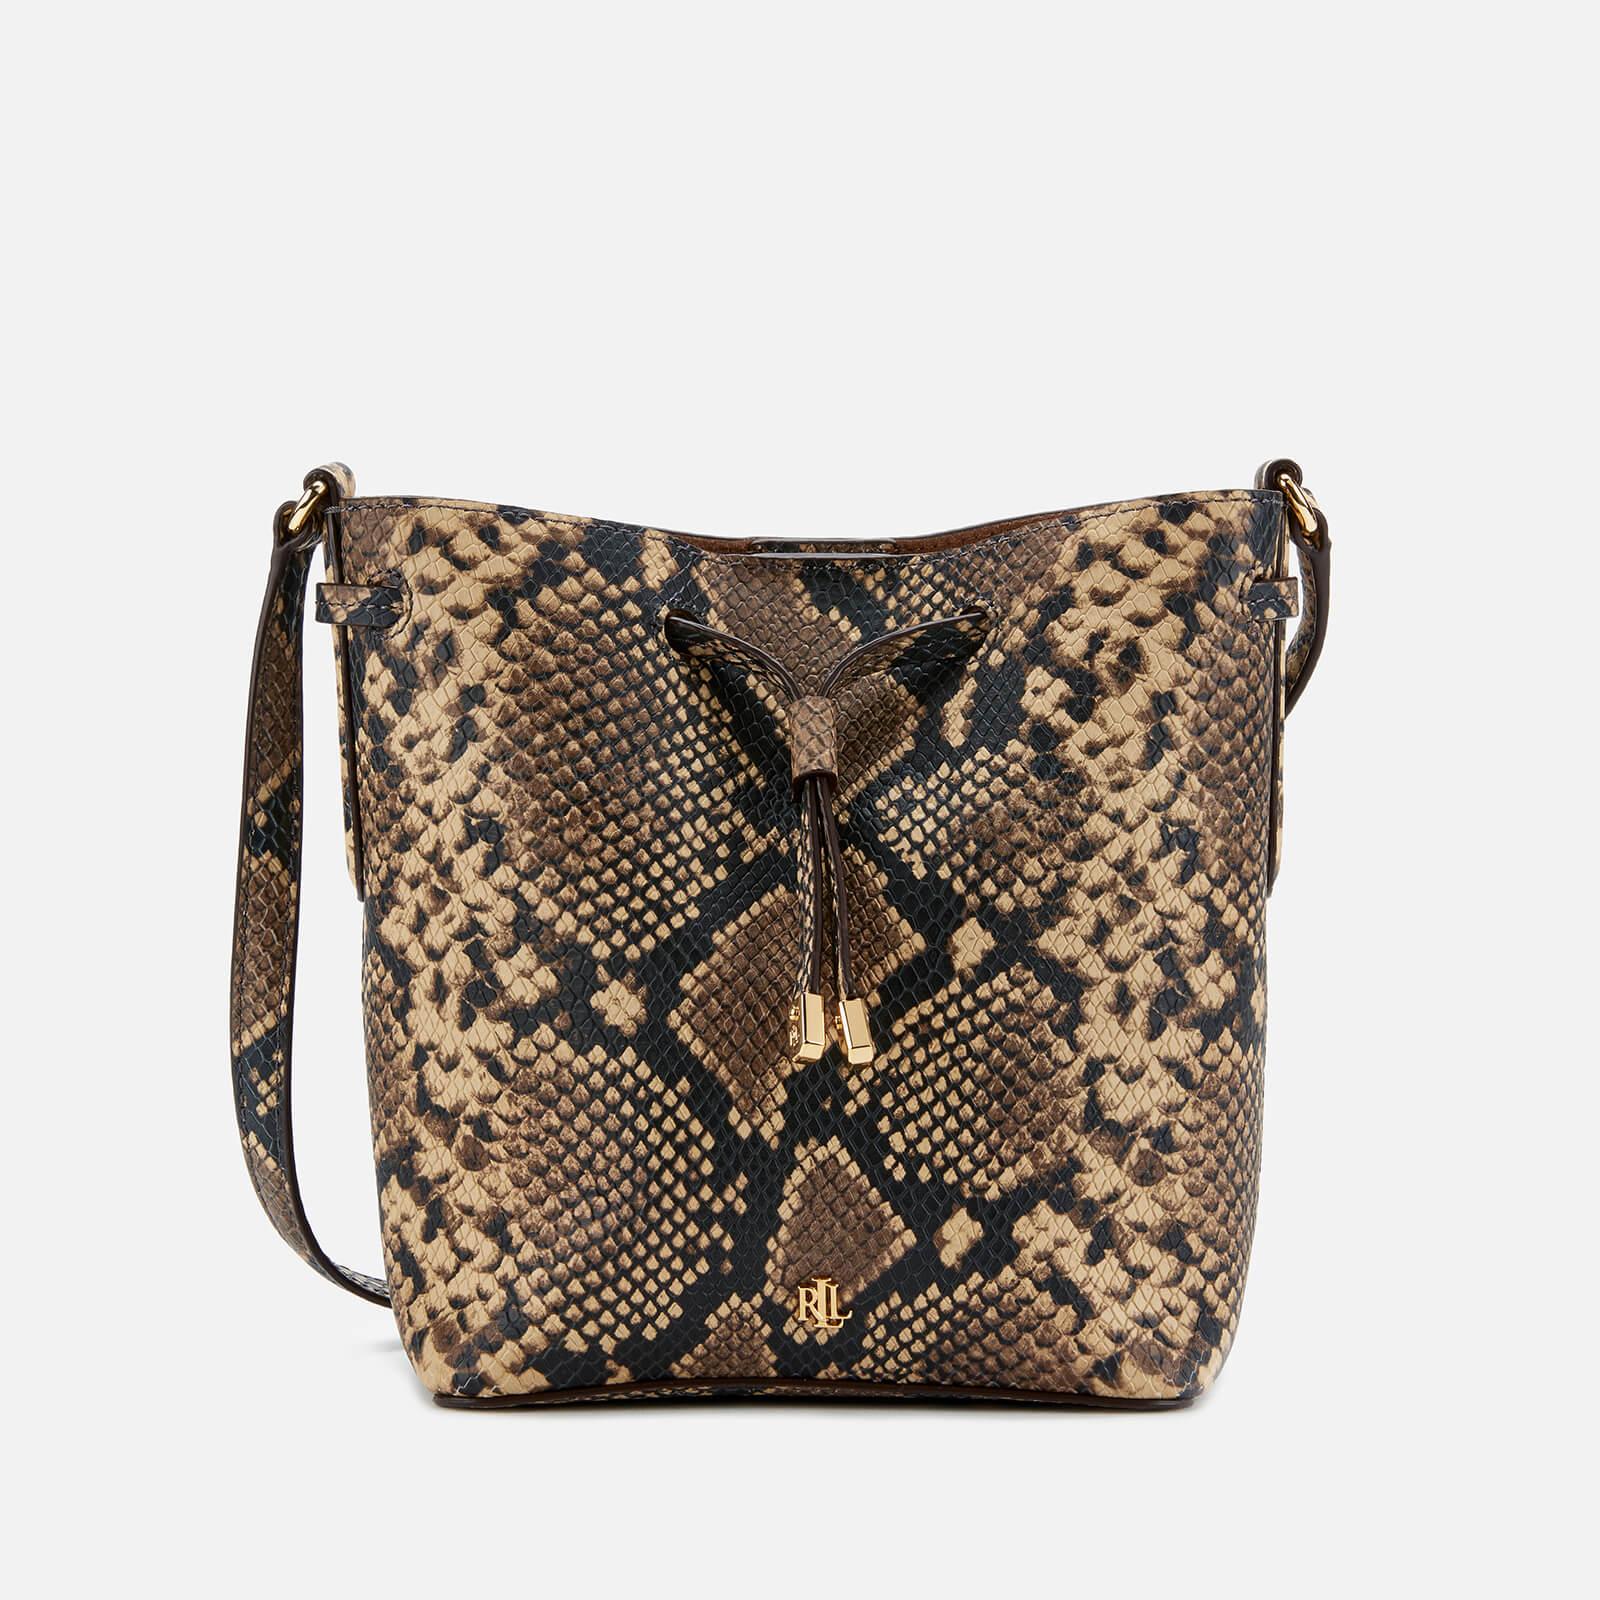 Lauren Ralph Lauren Women's Debby Snake Print Mini Drawstring Bag - Oatmeal Multi